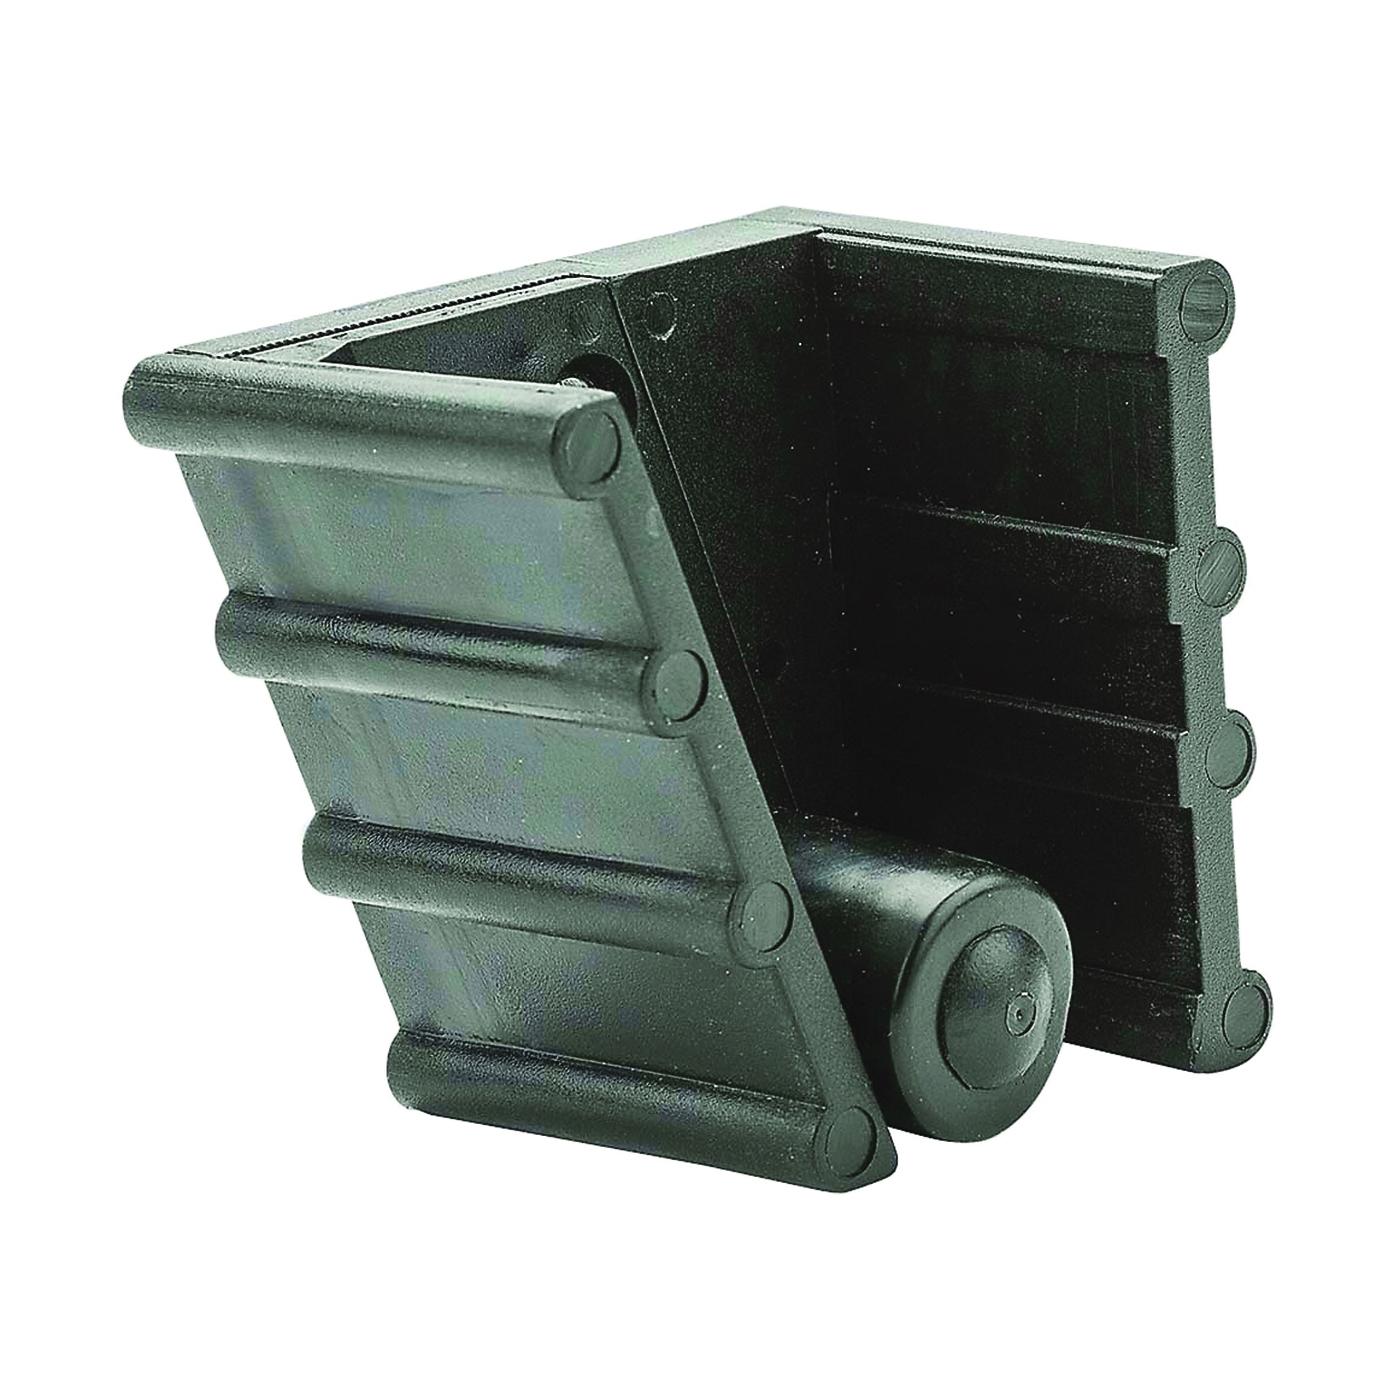 Picture of National Hardware V2440 Series N112-104 Adjust Super Grip, 5 lb, Plastic, Black